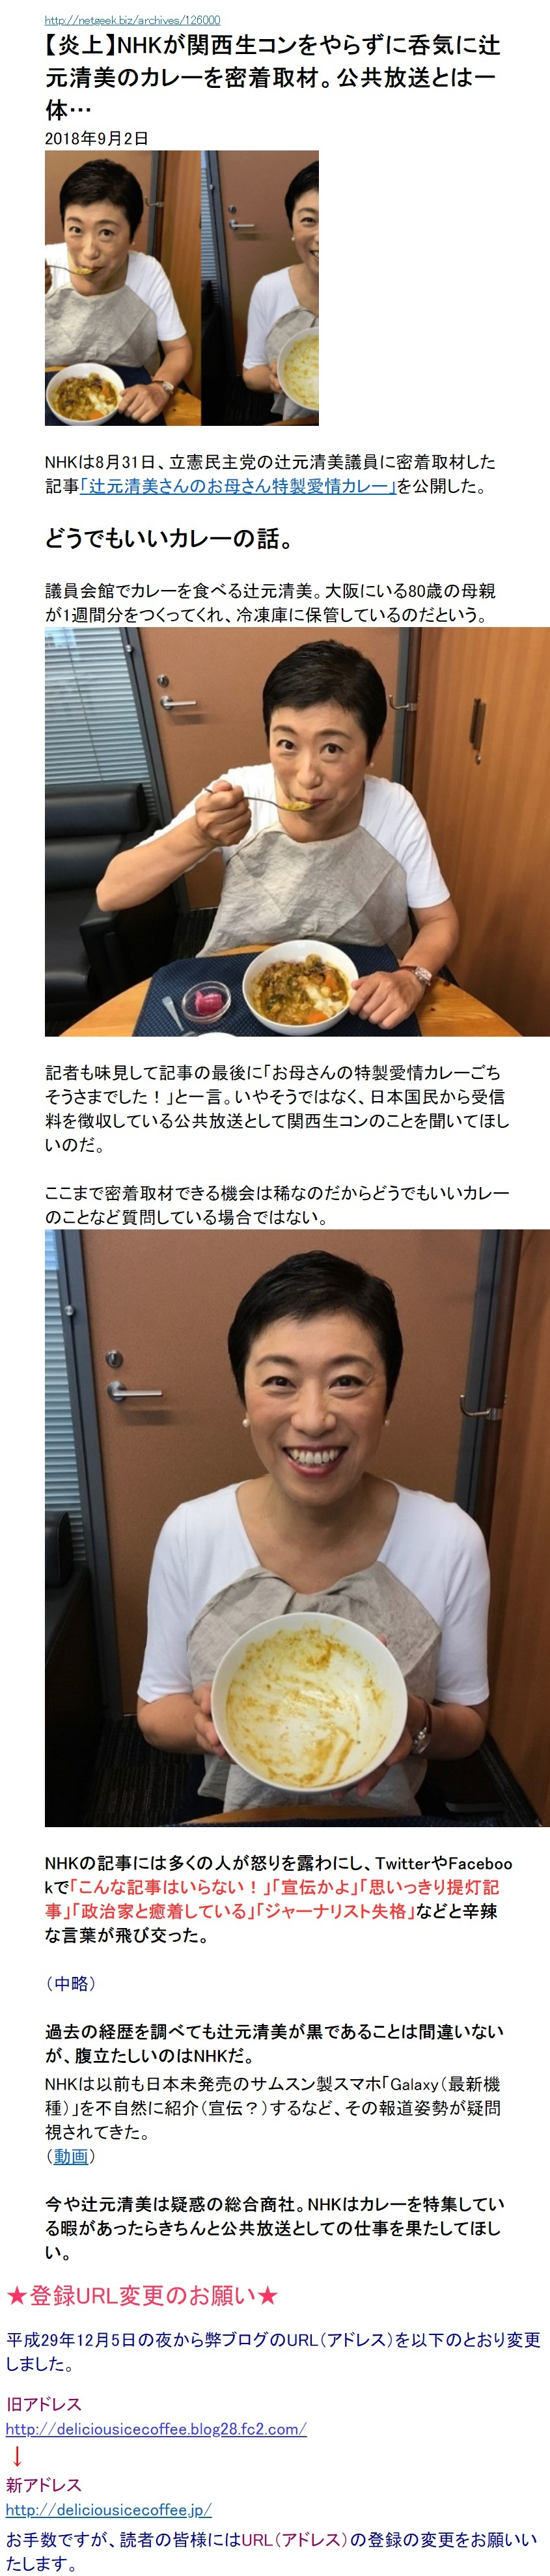 NHKは関西生コン逮捕を報道せず4